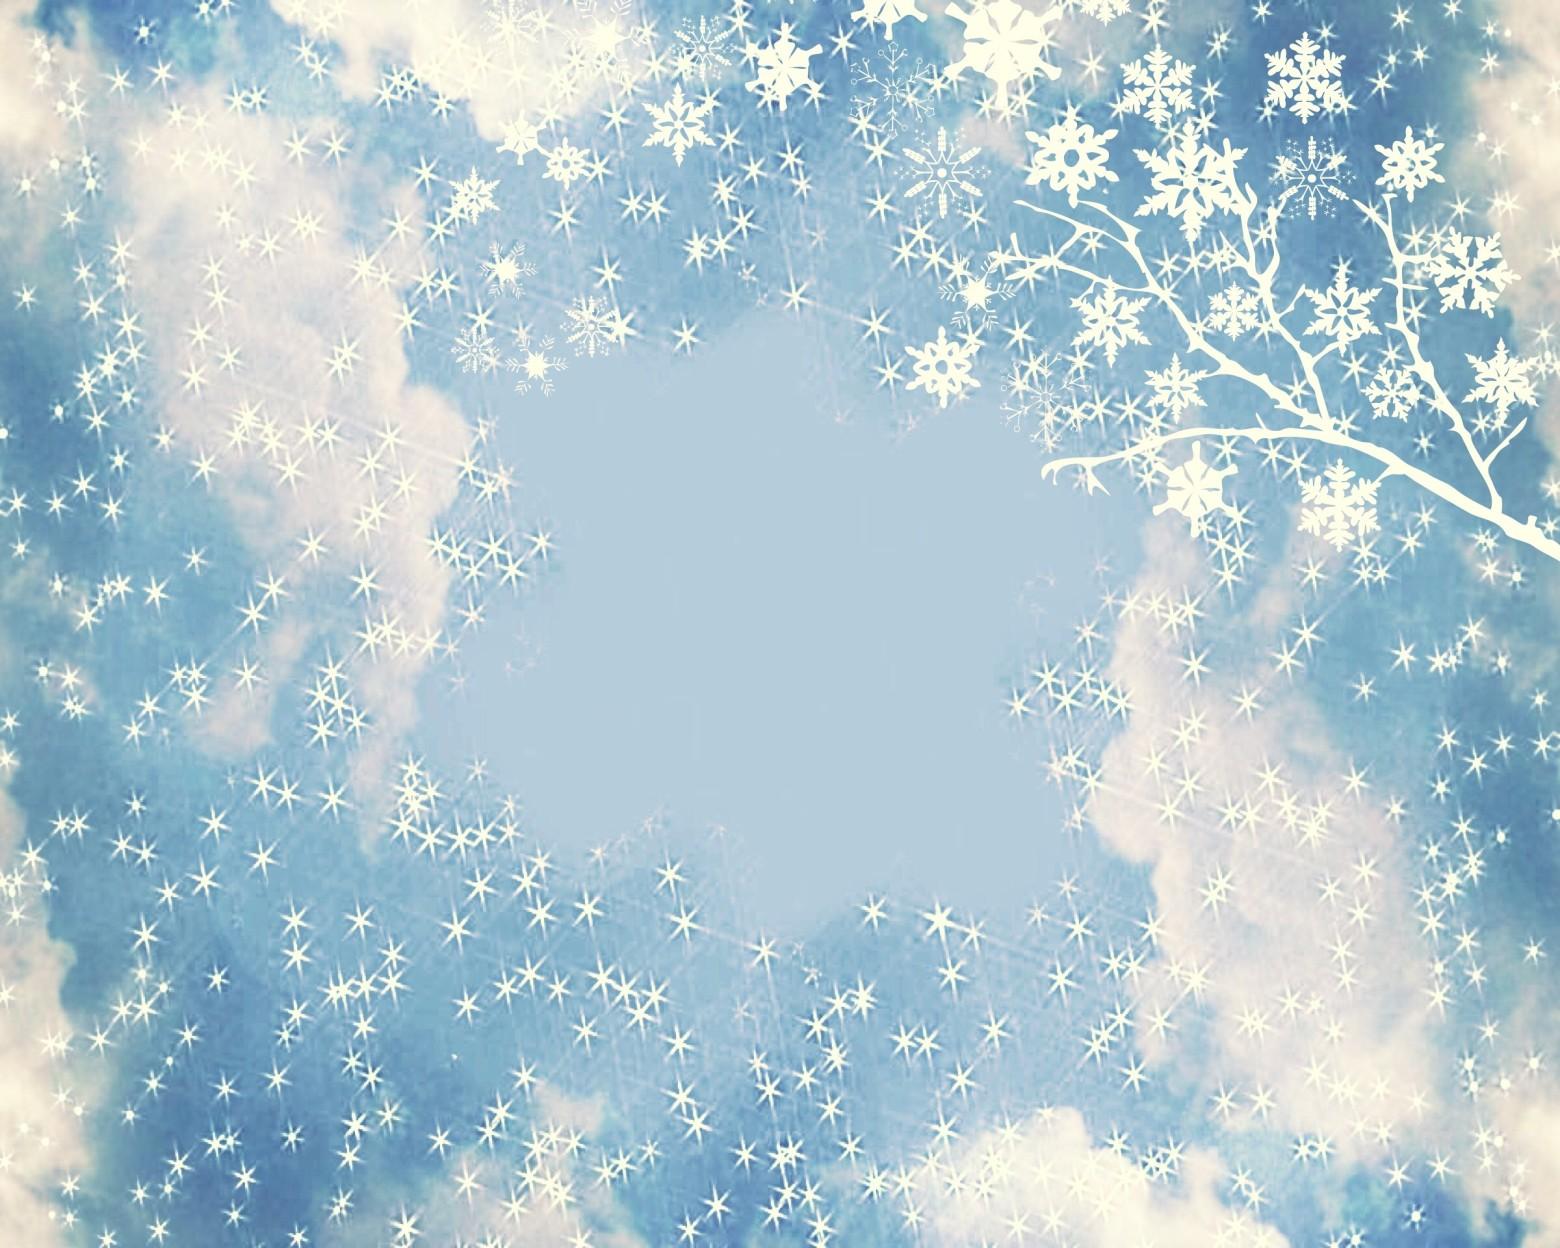 background wallpaper christmas noel hiver images gratuites images gratuites et libres de droits. Black Bedroom Furniture Sets. Home Design Ideas